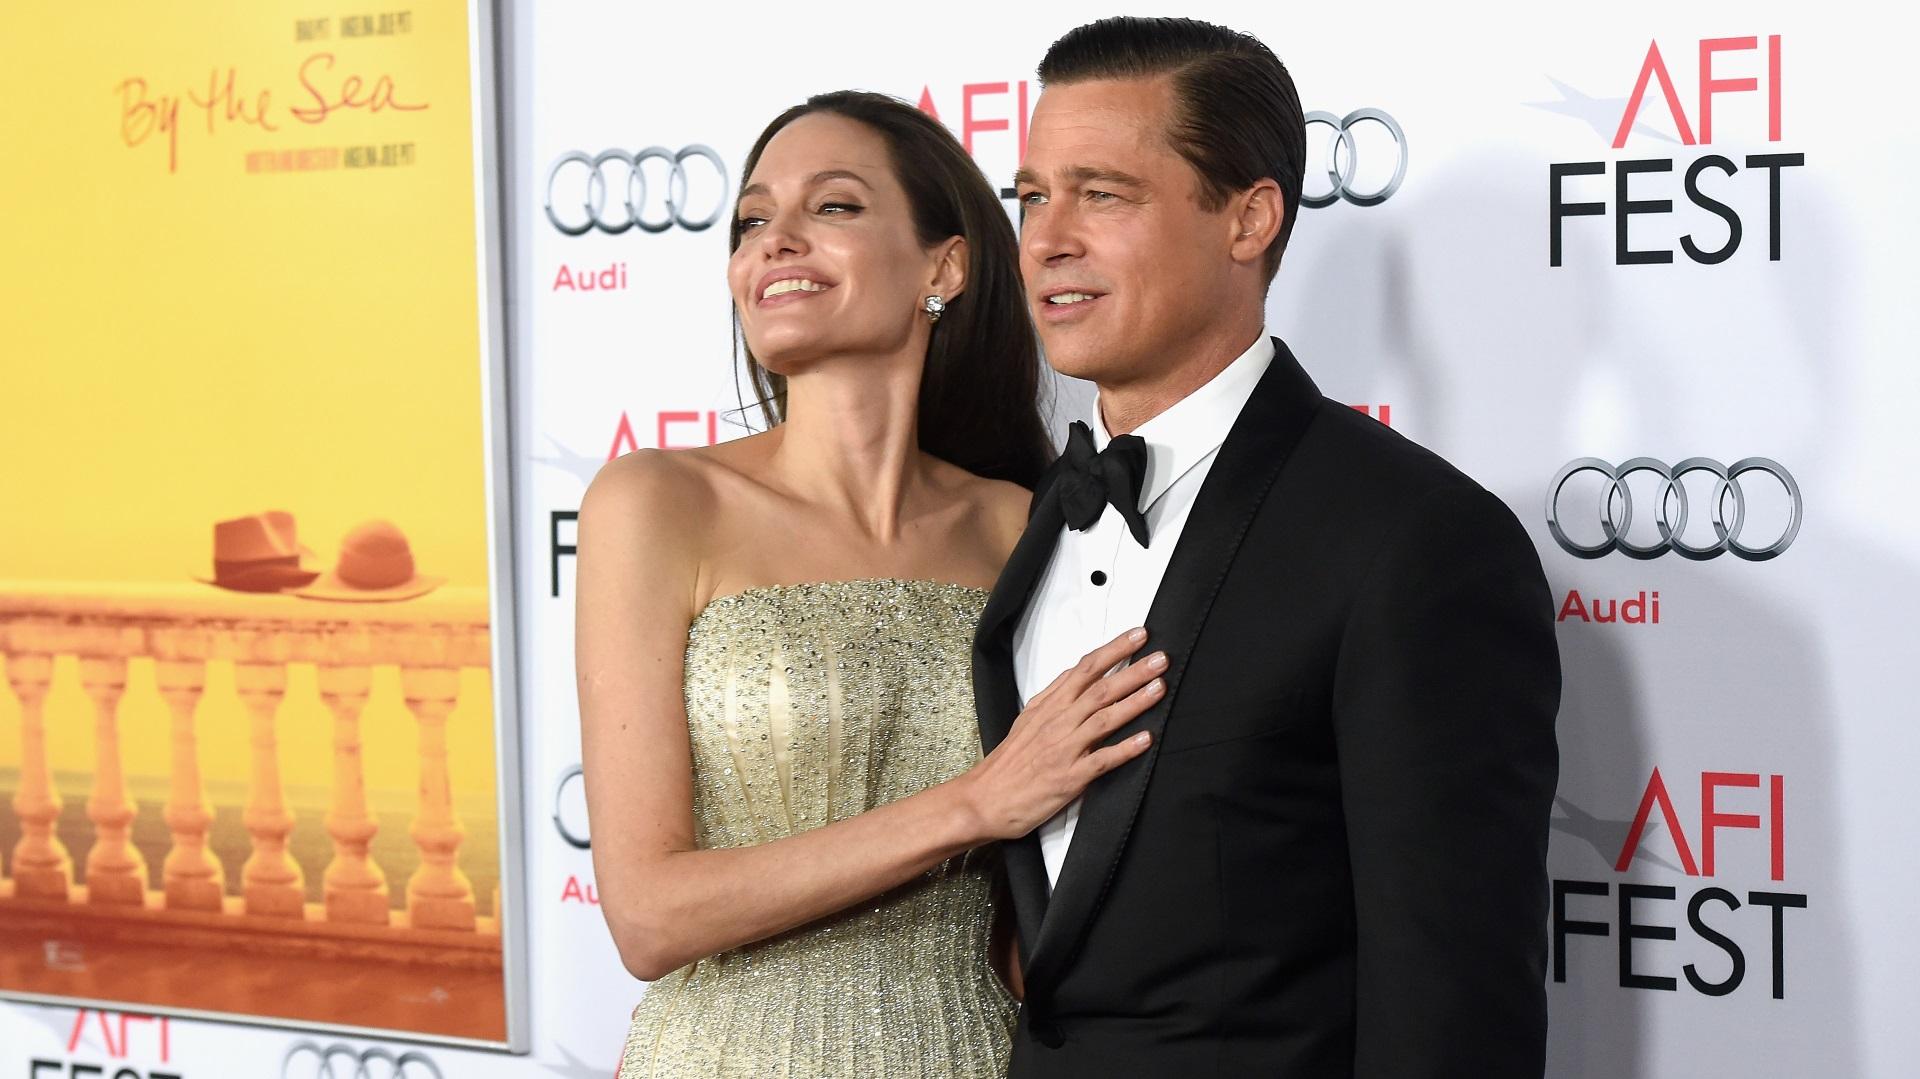 """Брад Пит и Анджелина Джоли<br /> <br /> Няма как да минем без до скоро най-бляскавата двойка на Холивуд. Бранджелина, както ги наричаха медиите се влюбва докато снима филма """"Мистър и мисис Смит"""". Двамата имат деца заедно, женят се, но през 2016 г. се разделиха."""